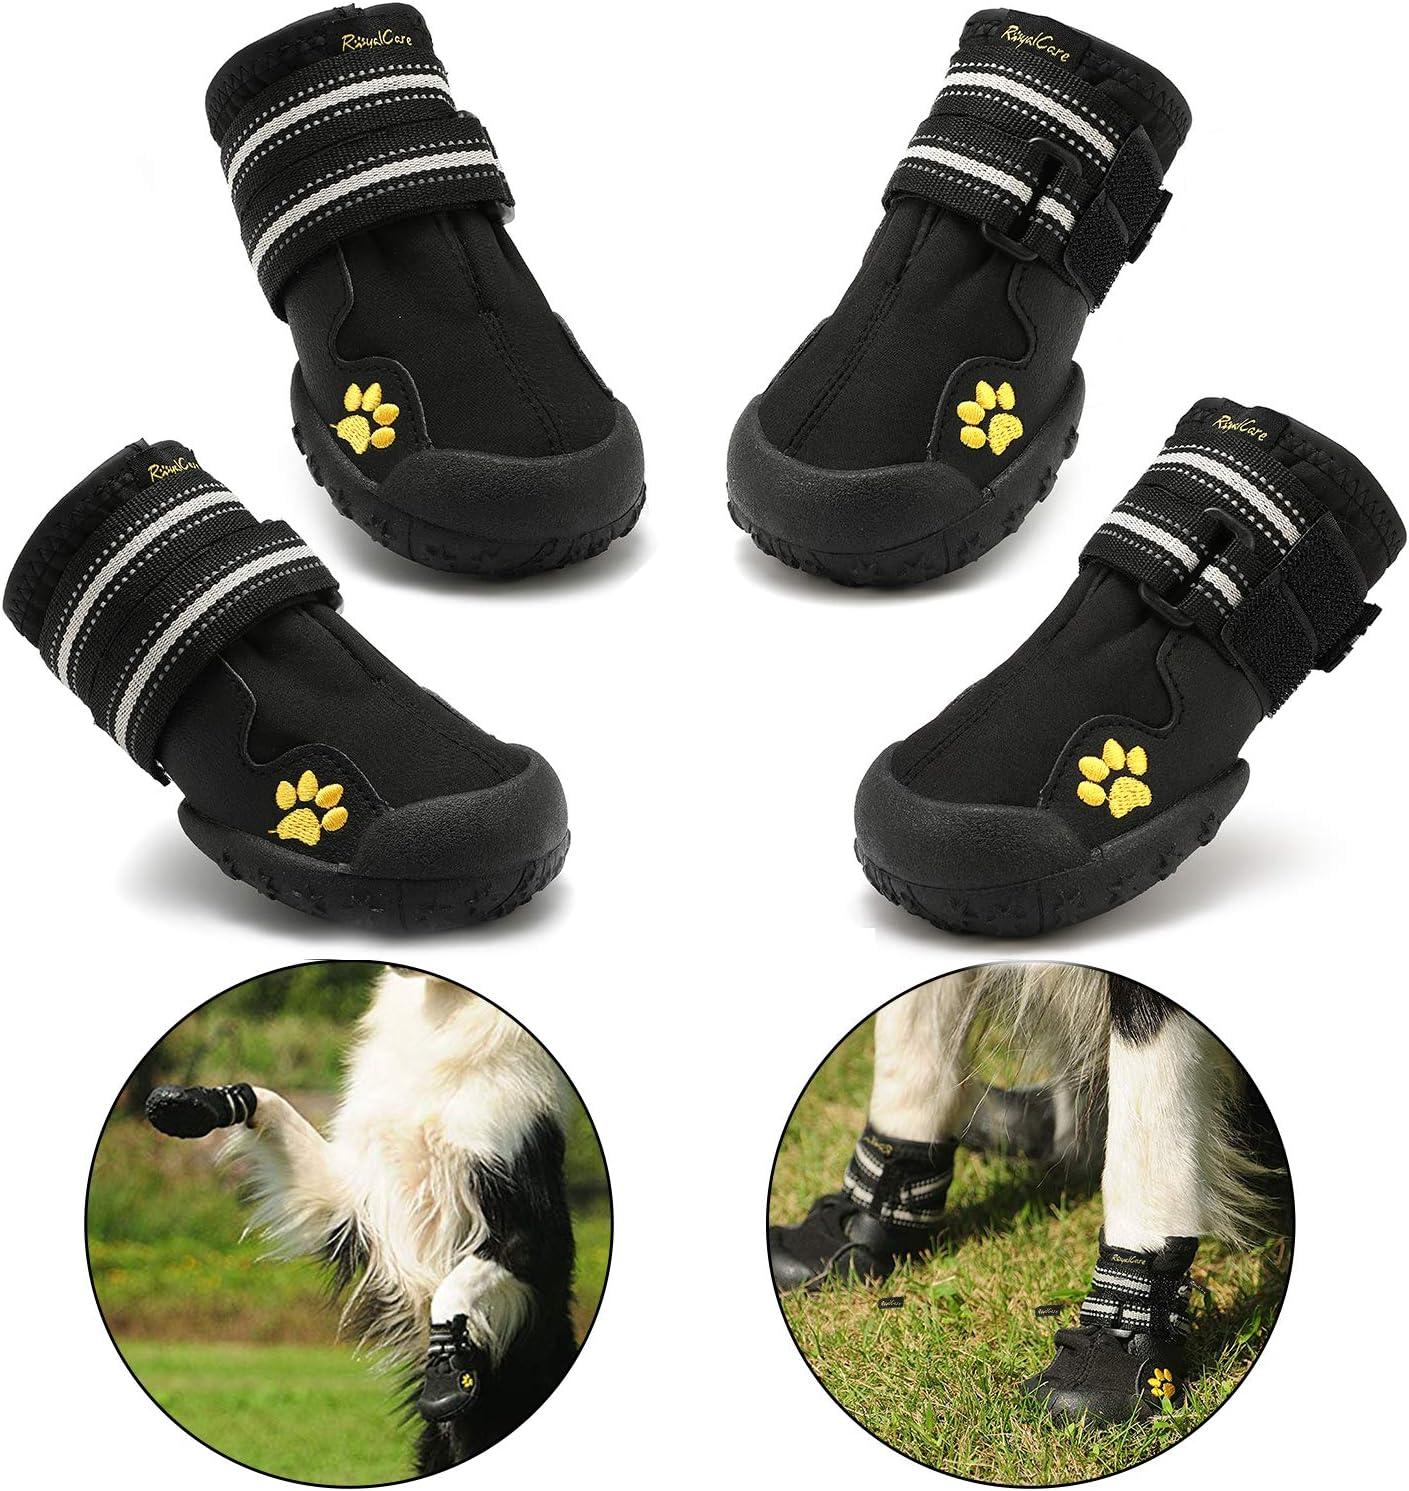 RoyalCare Botas Protectoras para Perros,